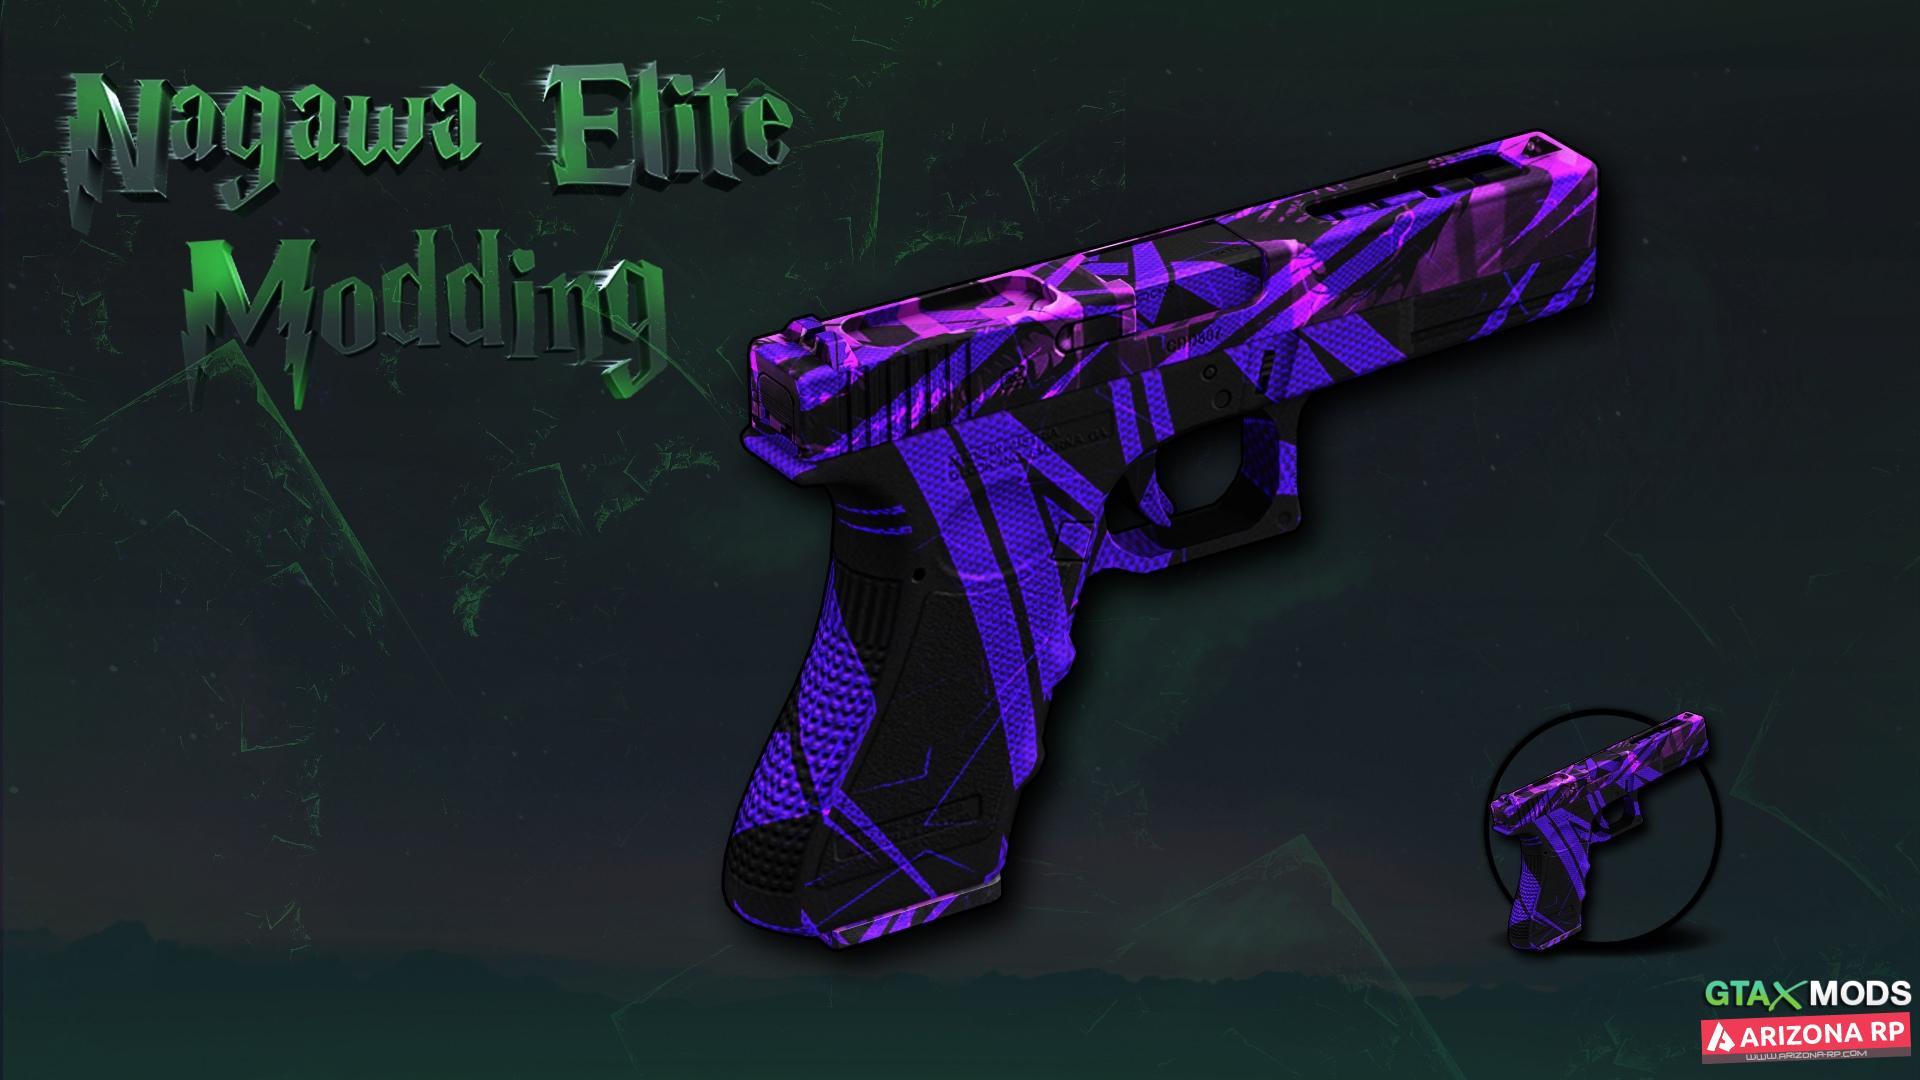 Glock 18 | Riot Pack | Nagawa Elite Modding